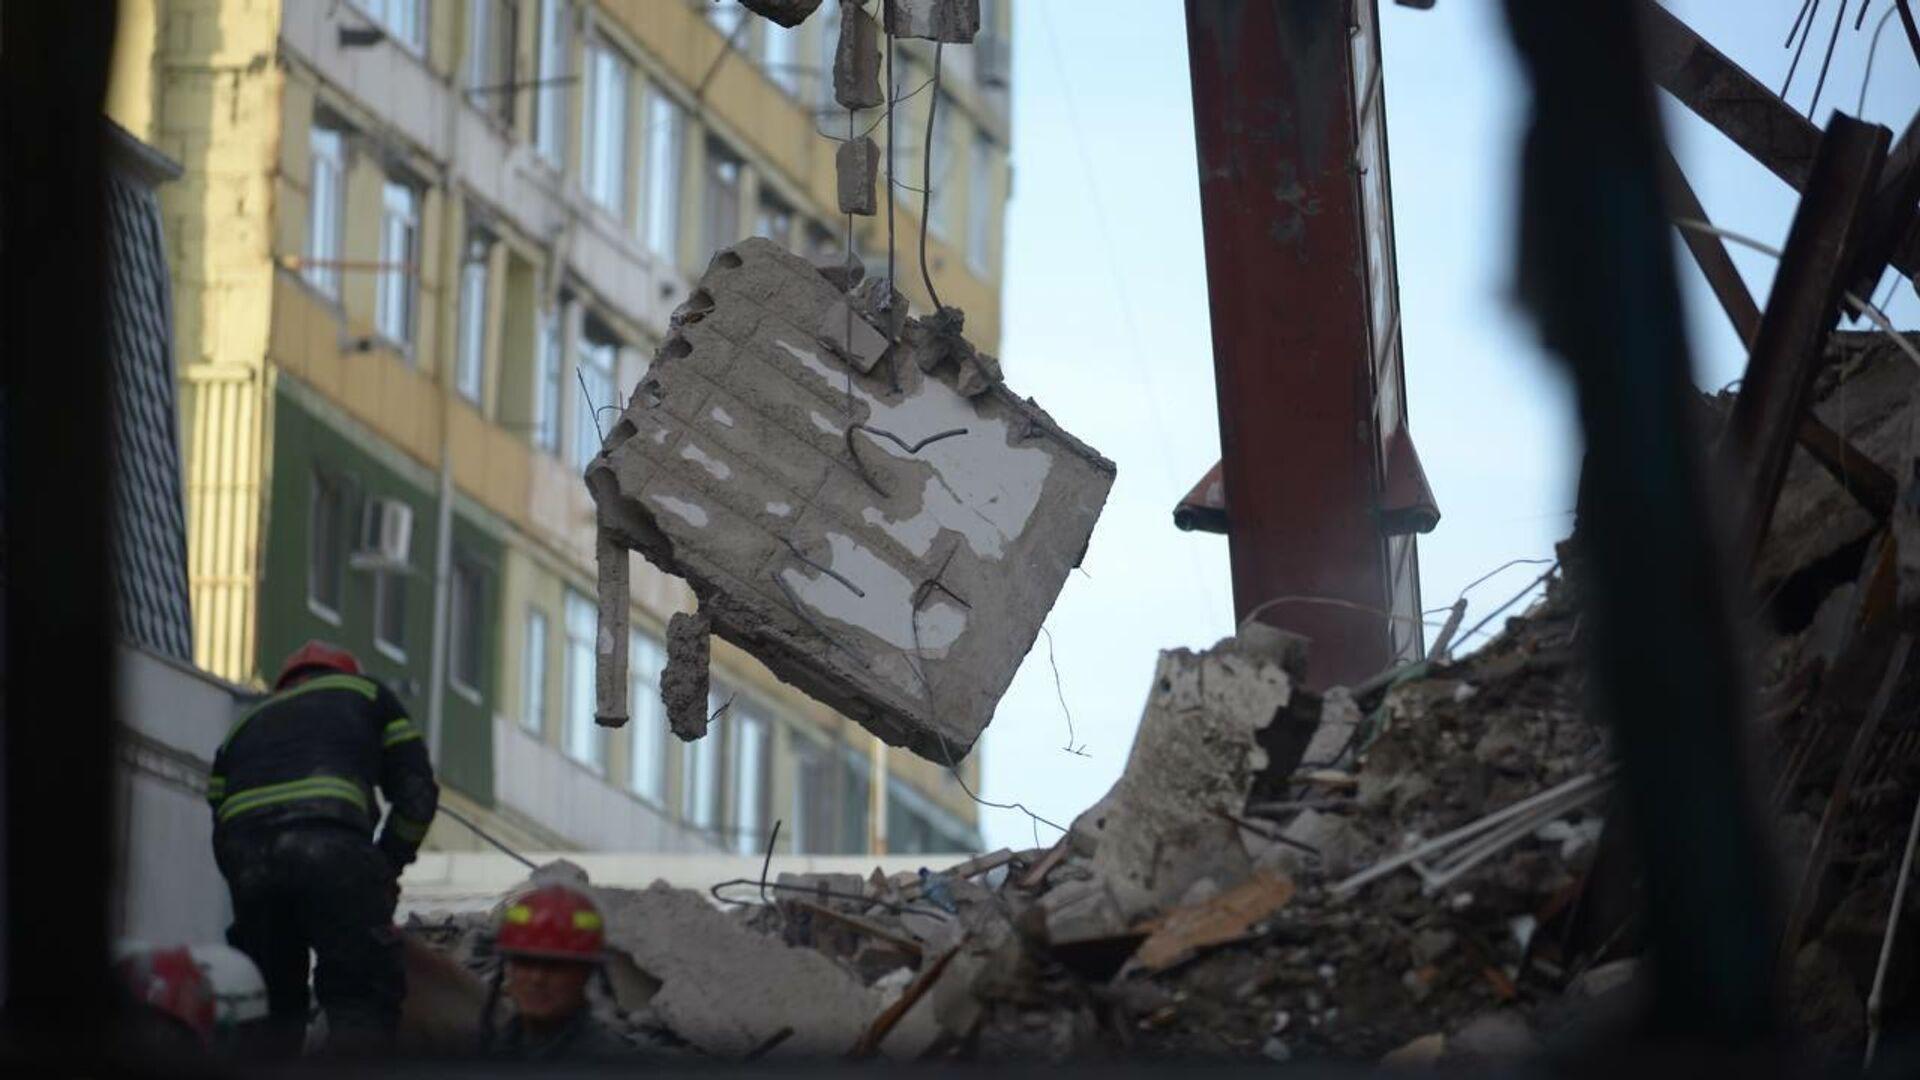 Фото с места обрушения подъезда жилого дома в Батуми. Разбор завалов из обломков здания - Sputnik Грузия, 1920, 10.10.2021